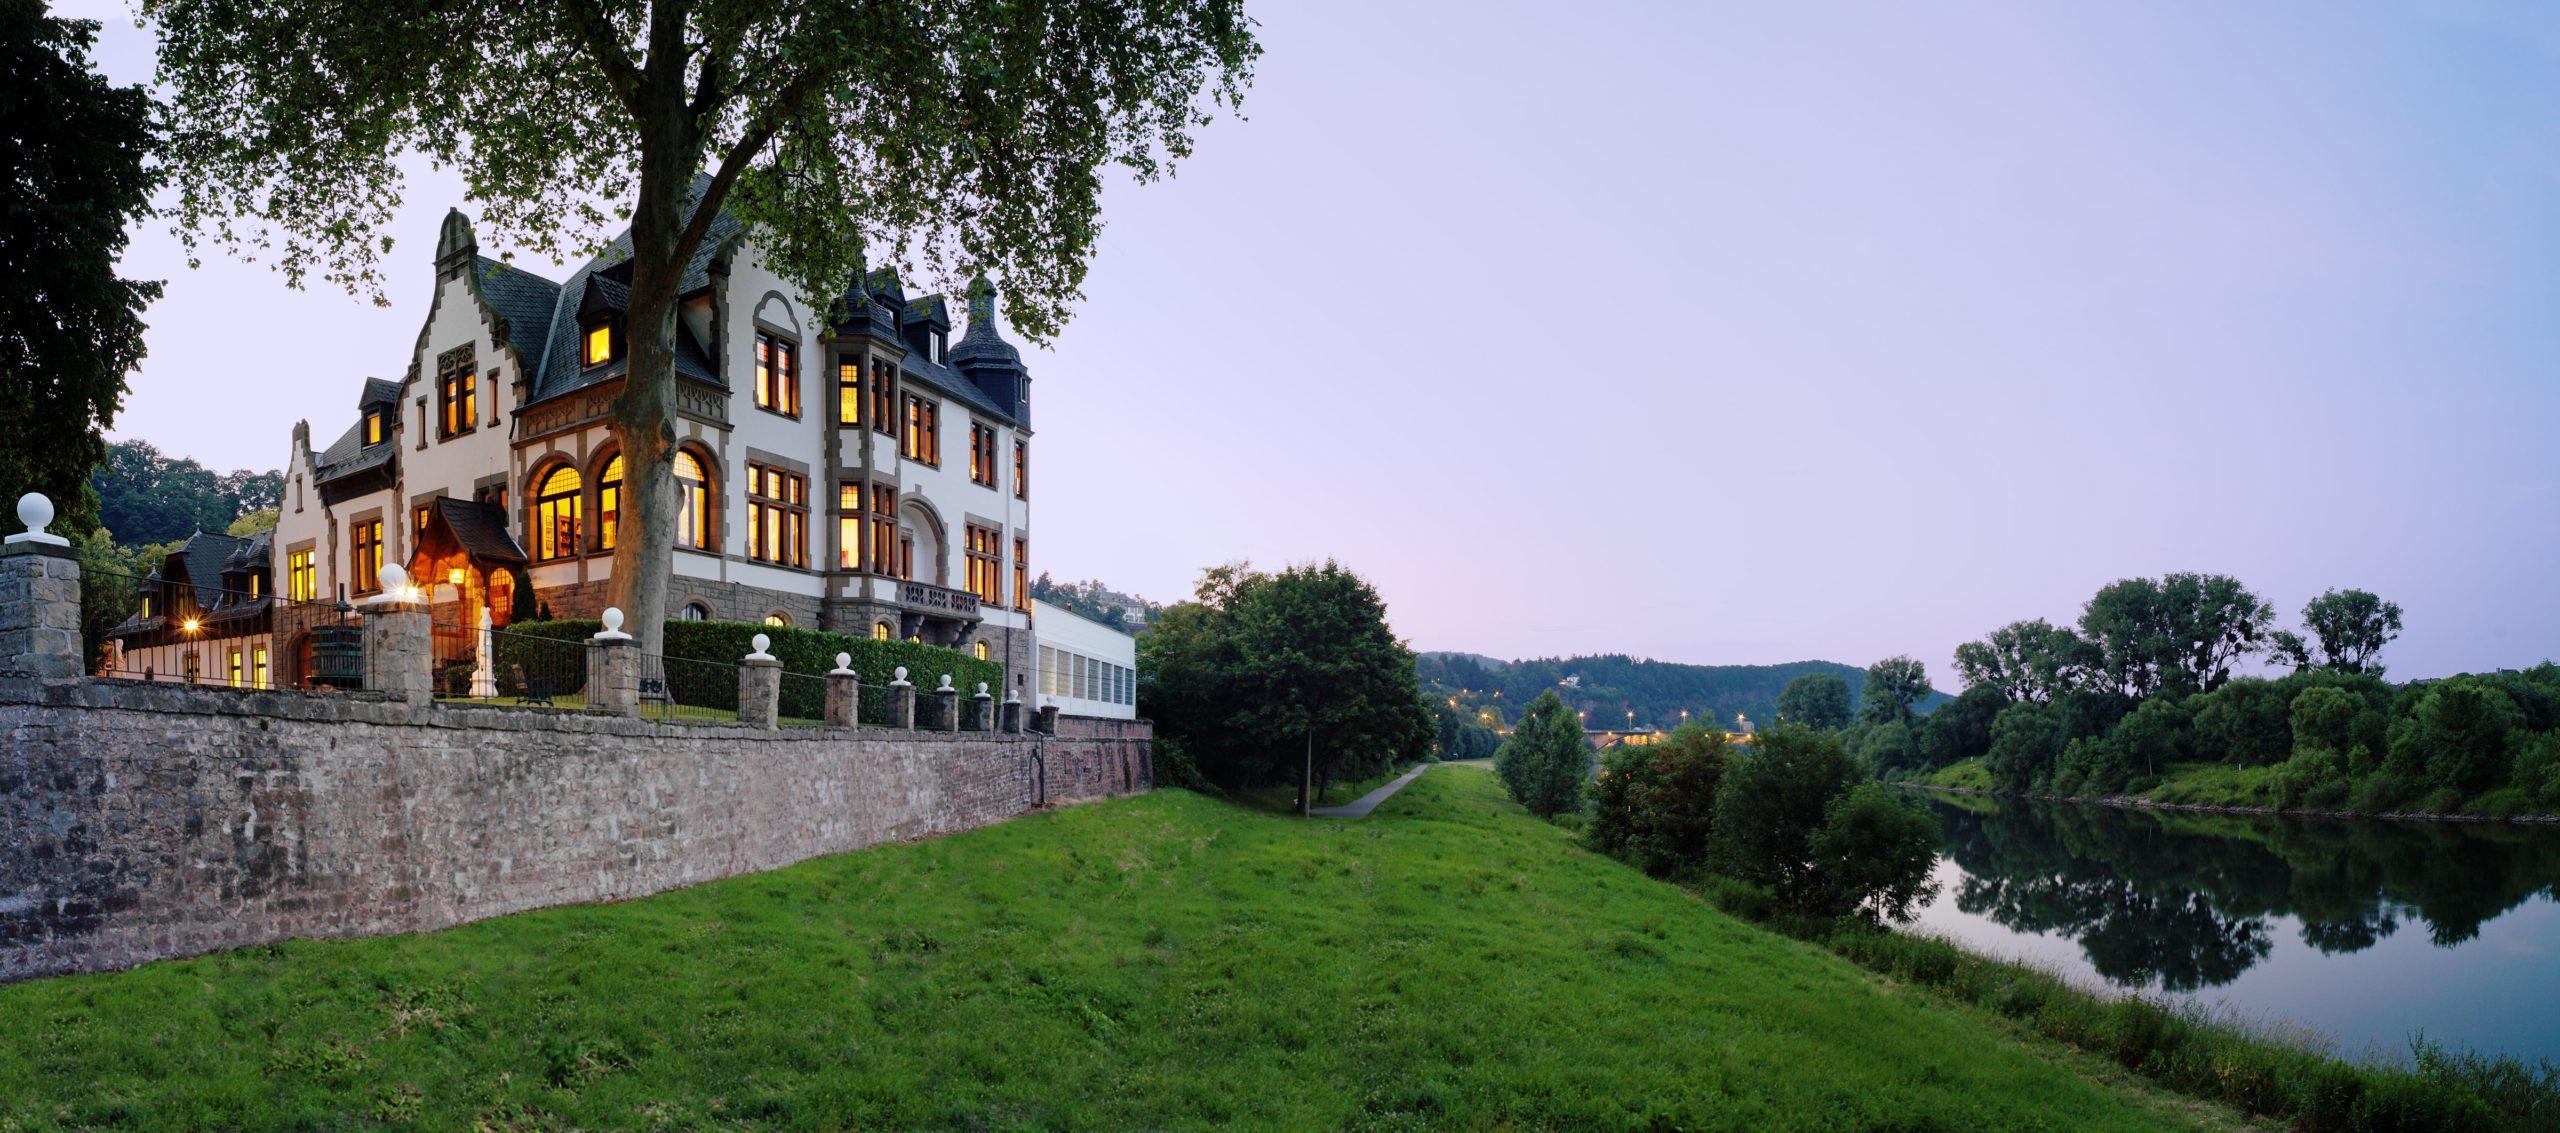 Baugrundstück in direkter Mosellage mit Gründerzeitvilla und Außengebäuden